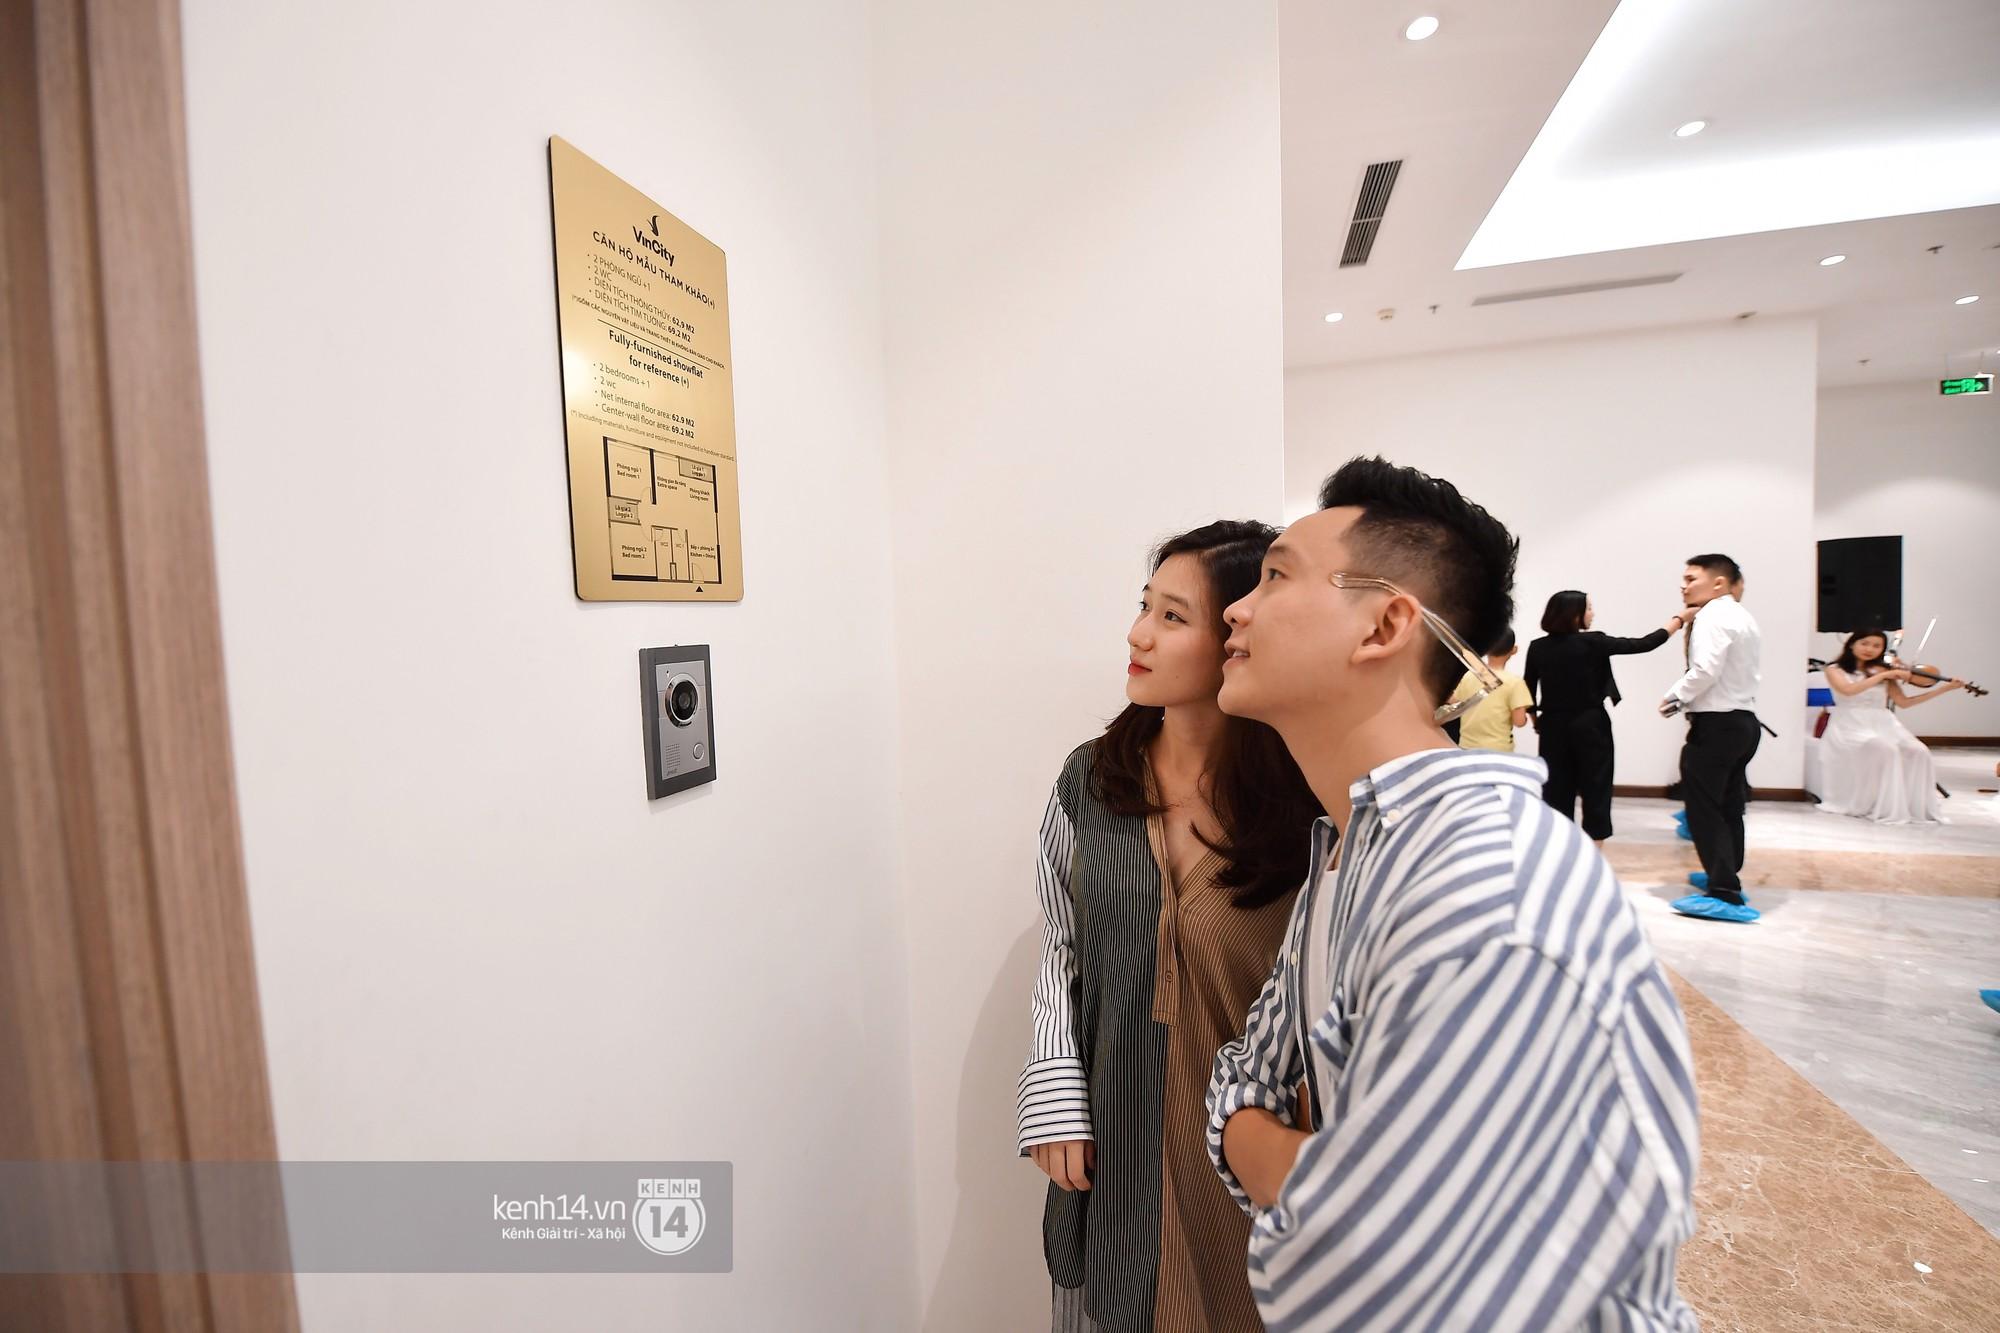 Trâm Anh - Justatee đi xem nhà mẫu ở VinCity Gia Lâm - Ảnh 1.